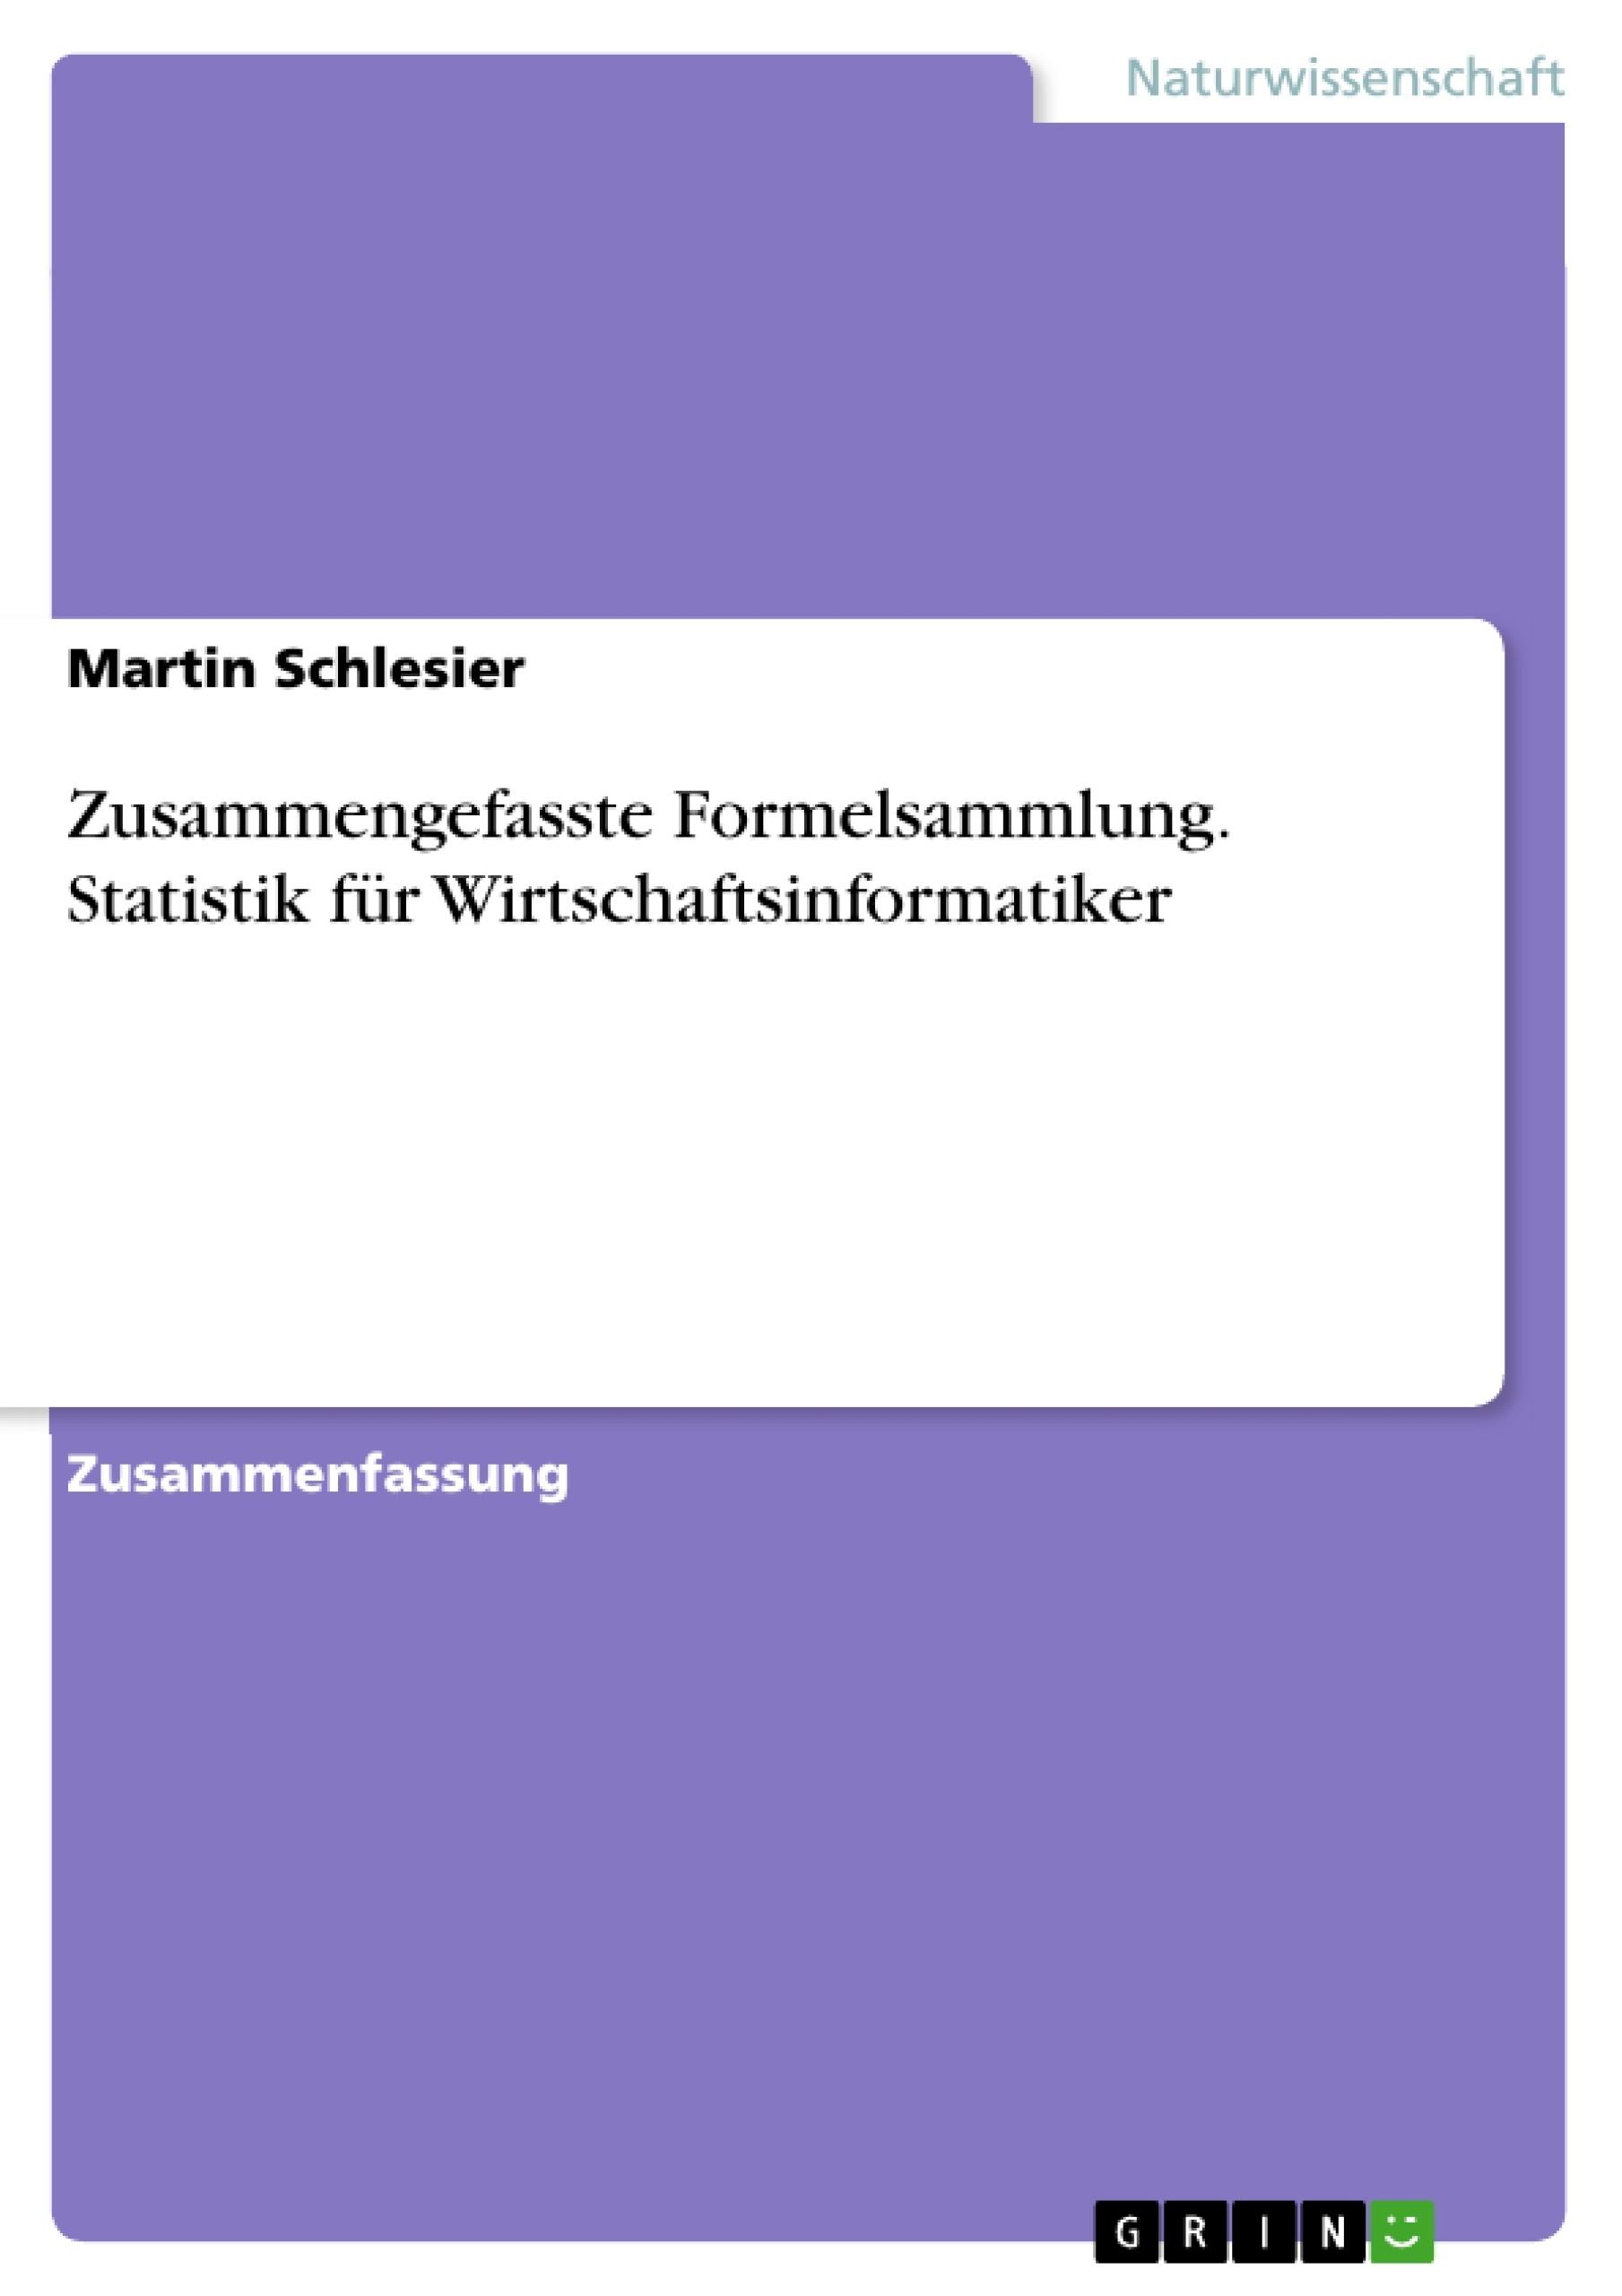 Titel: Zusammengefasste Formelsammlung. Statistik für Wirtschaftsinformatiker